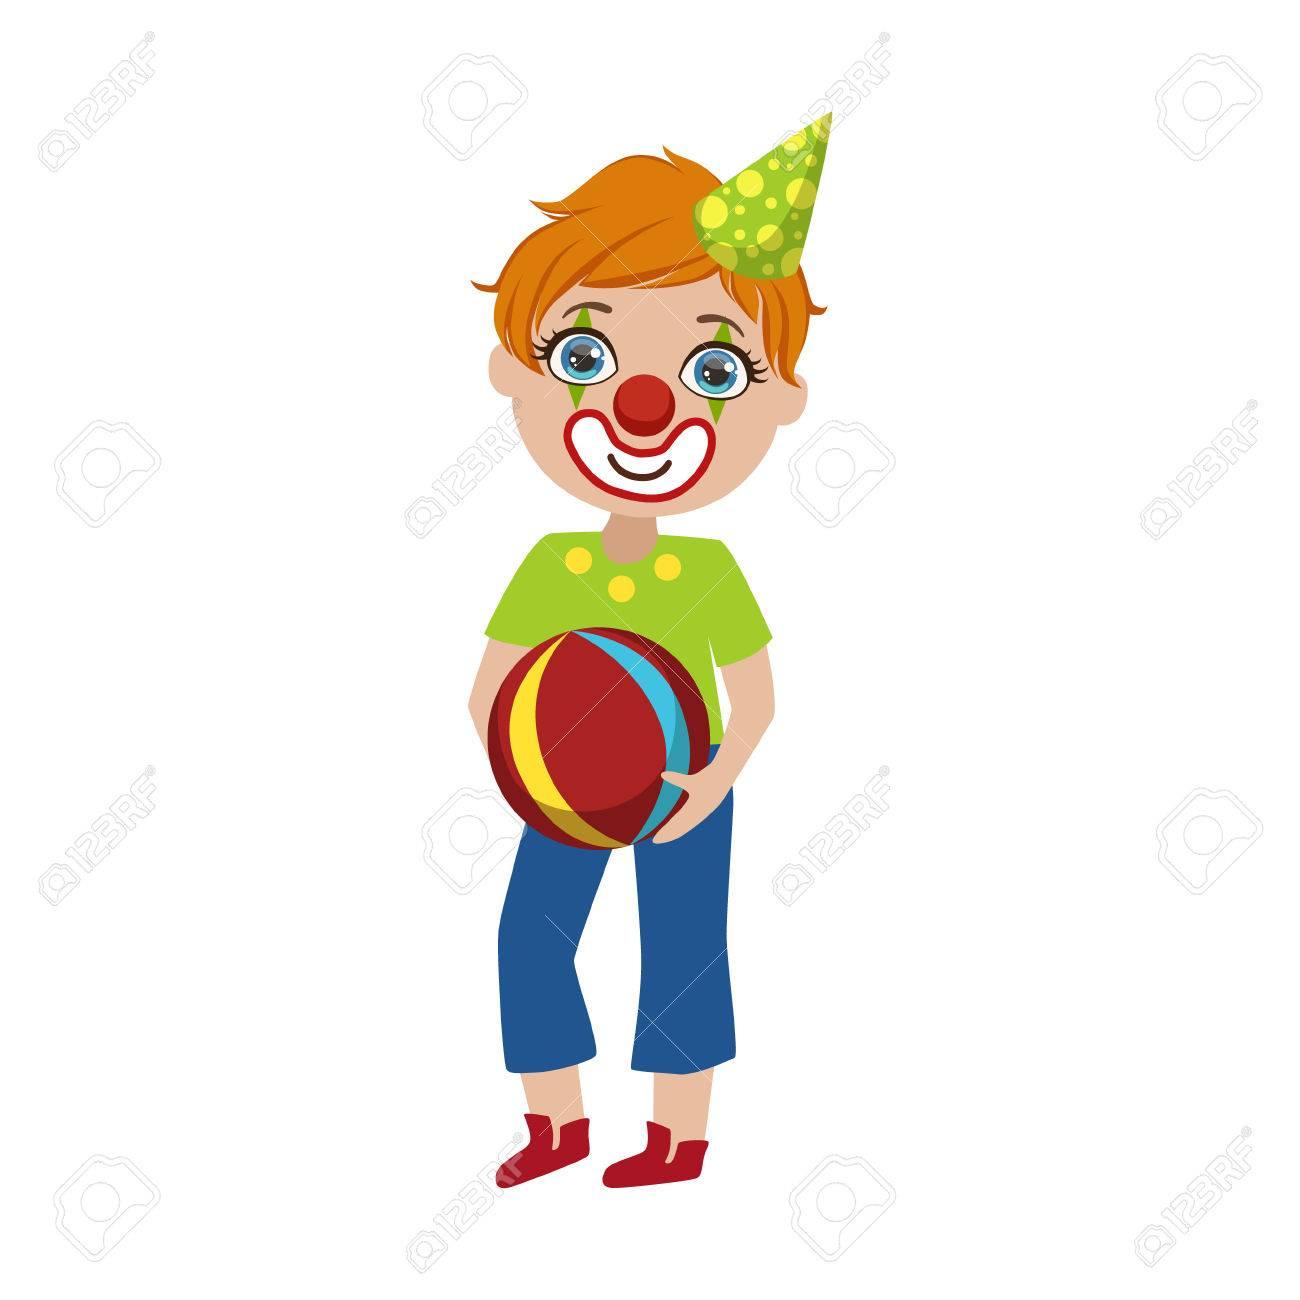 Garçon Dans Le Clown Maquillage Couleur Vive Dessin Animé Style Enfantin  Plane Vector Isolement Sur Fond Blanc pour Dessin De Clown En Couleur